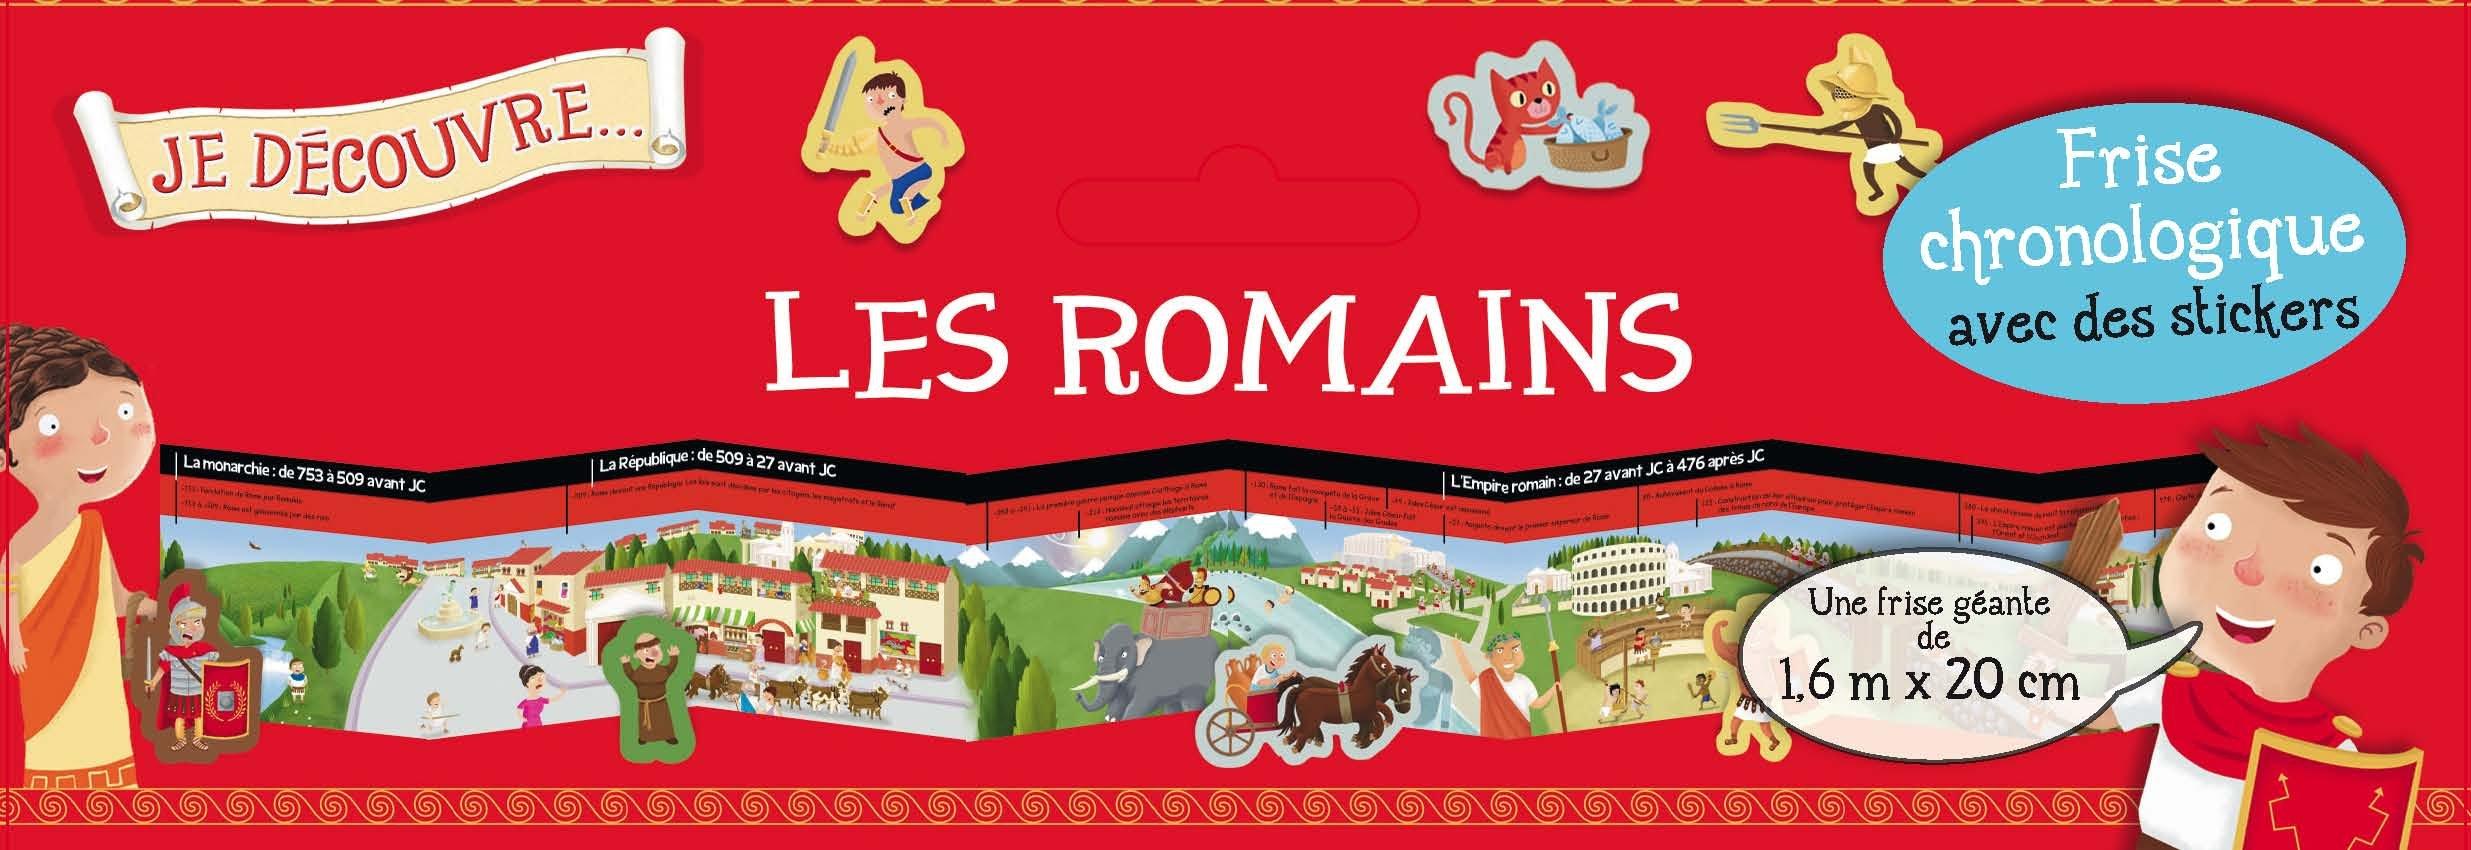 Je découvre les romains : frise chronologique avec des stickers Relié – 11 mars 2016 Joshua George 1.2.3. Soleil ! 2359901710 Jeunesse